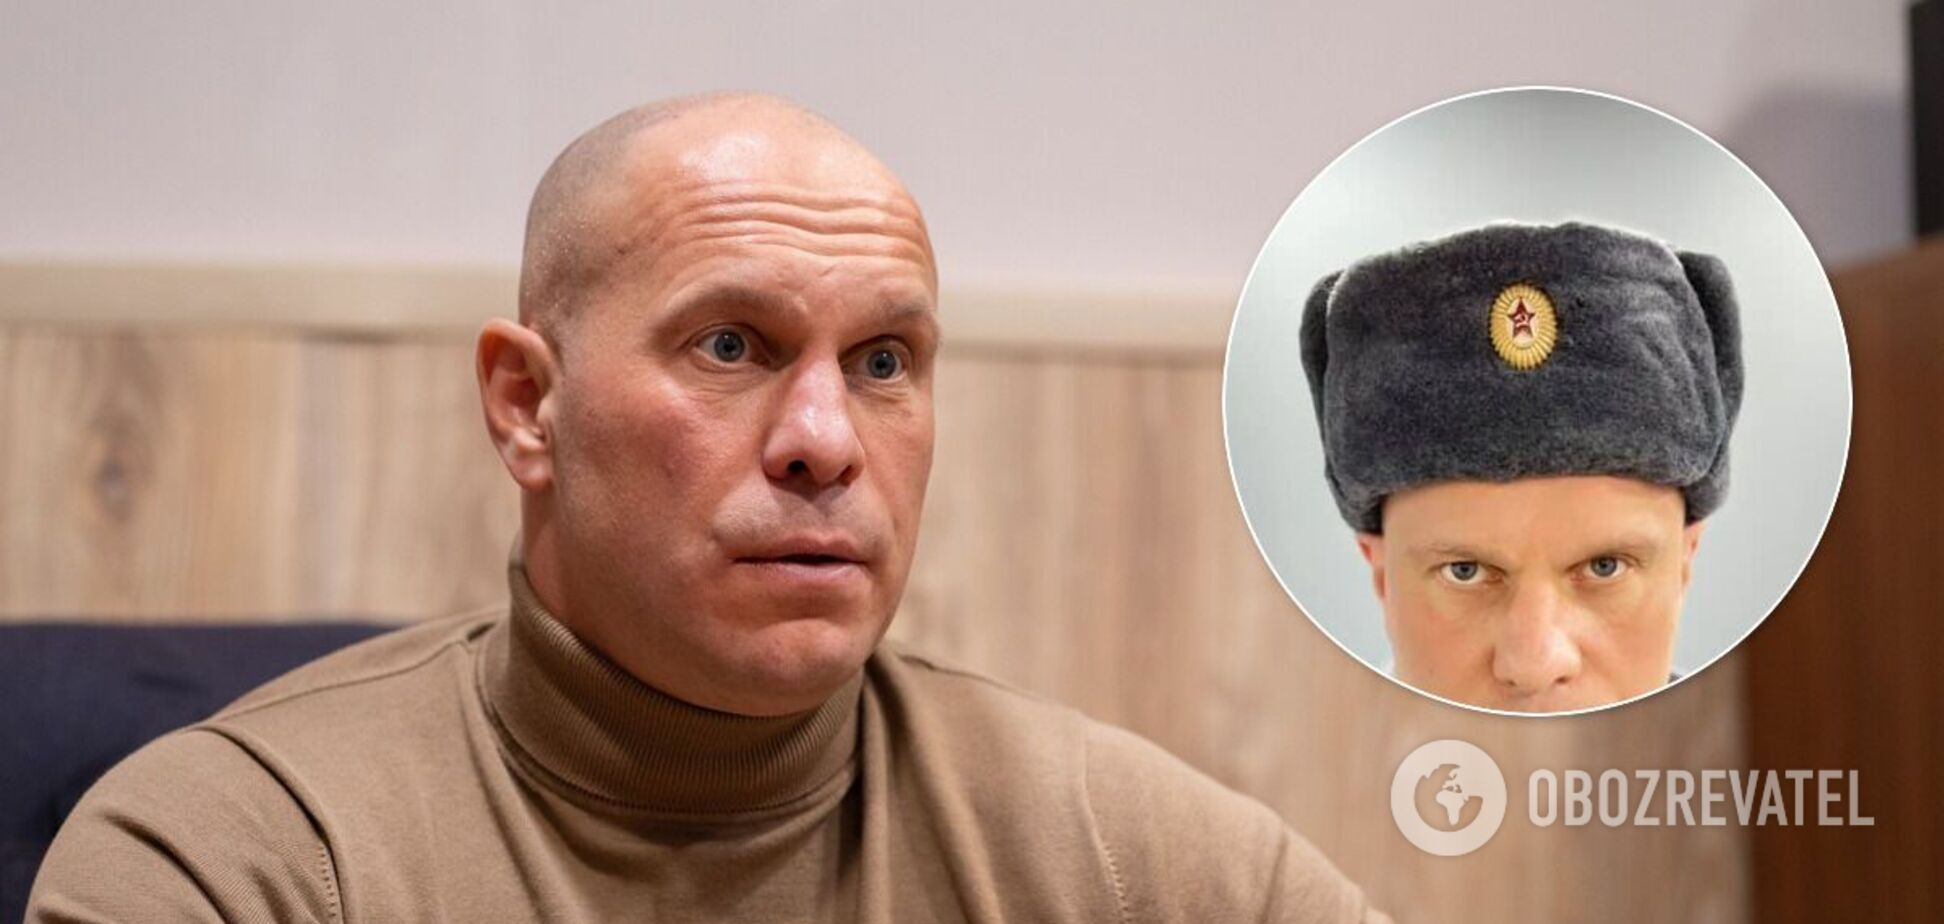 Кива надел советскую шапку-ушанку со звездой и призвал его арестовать. Фото